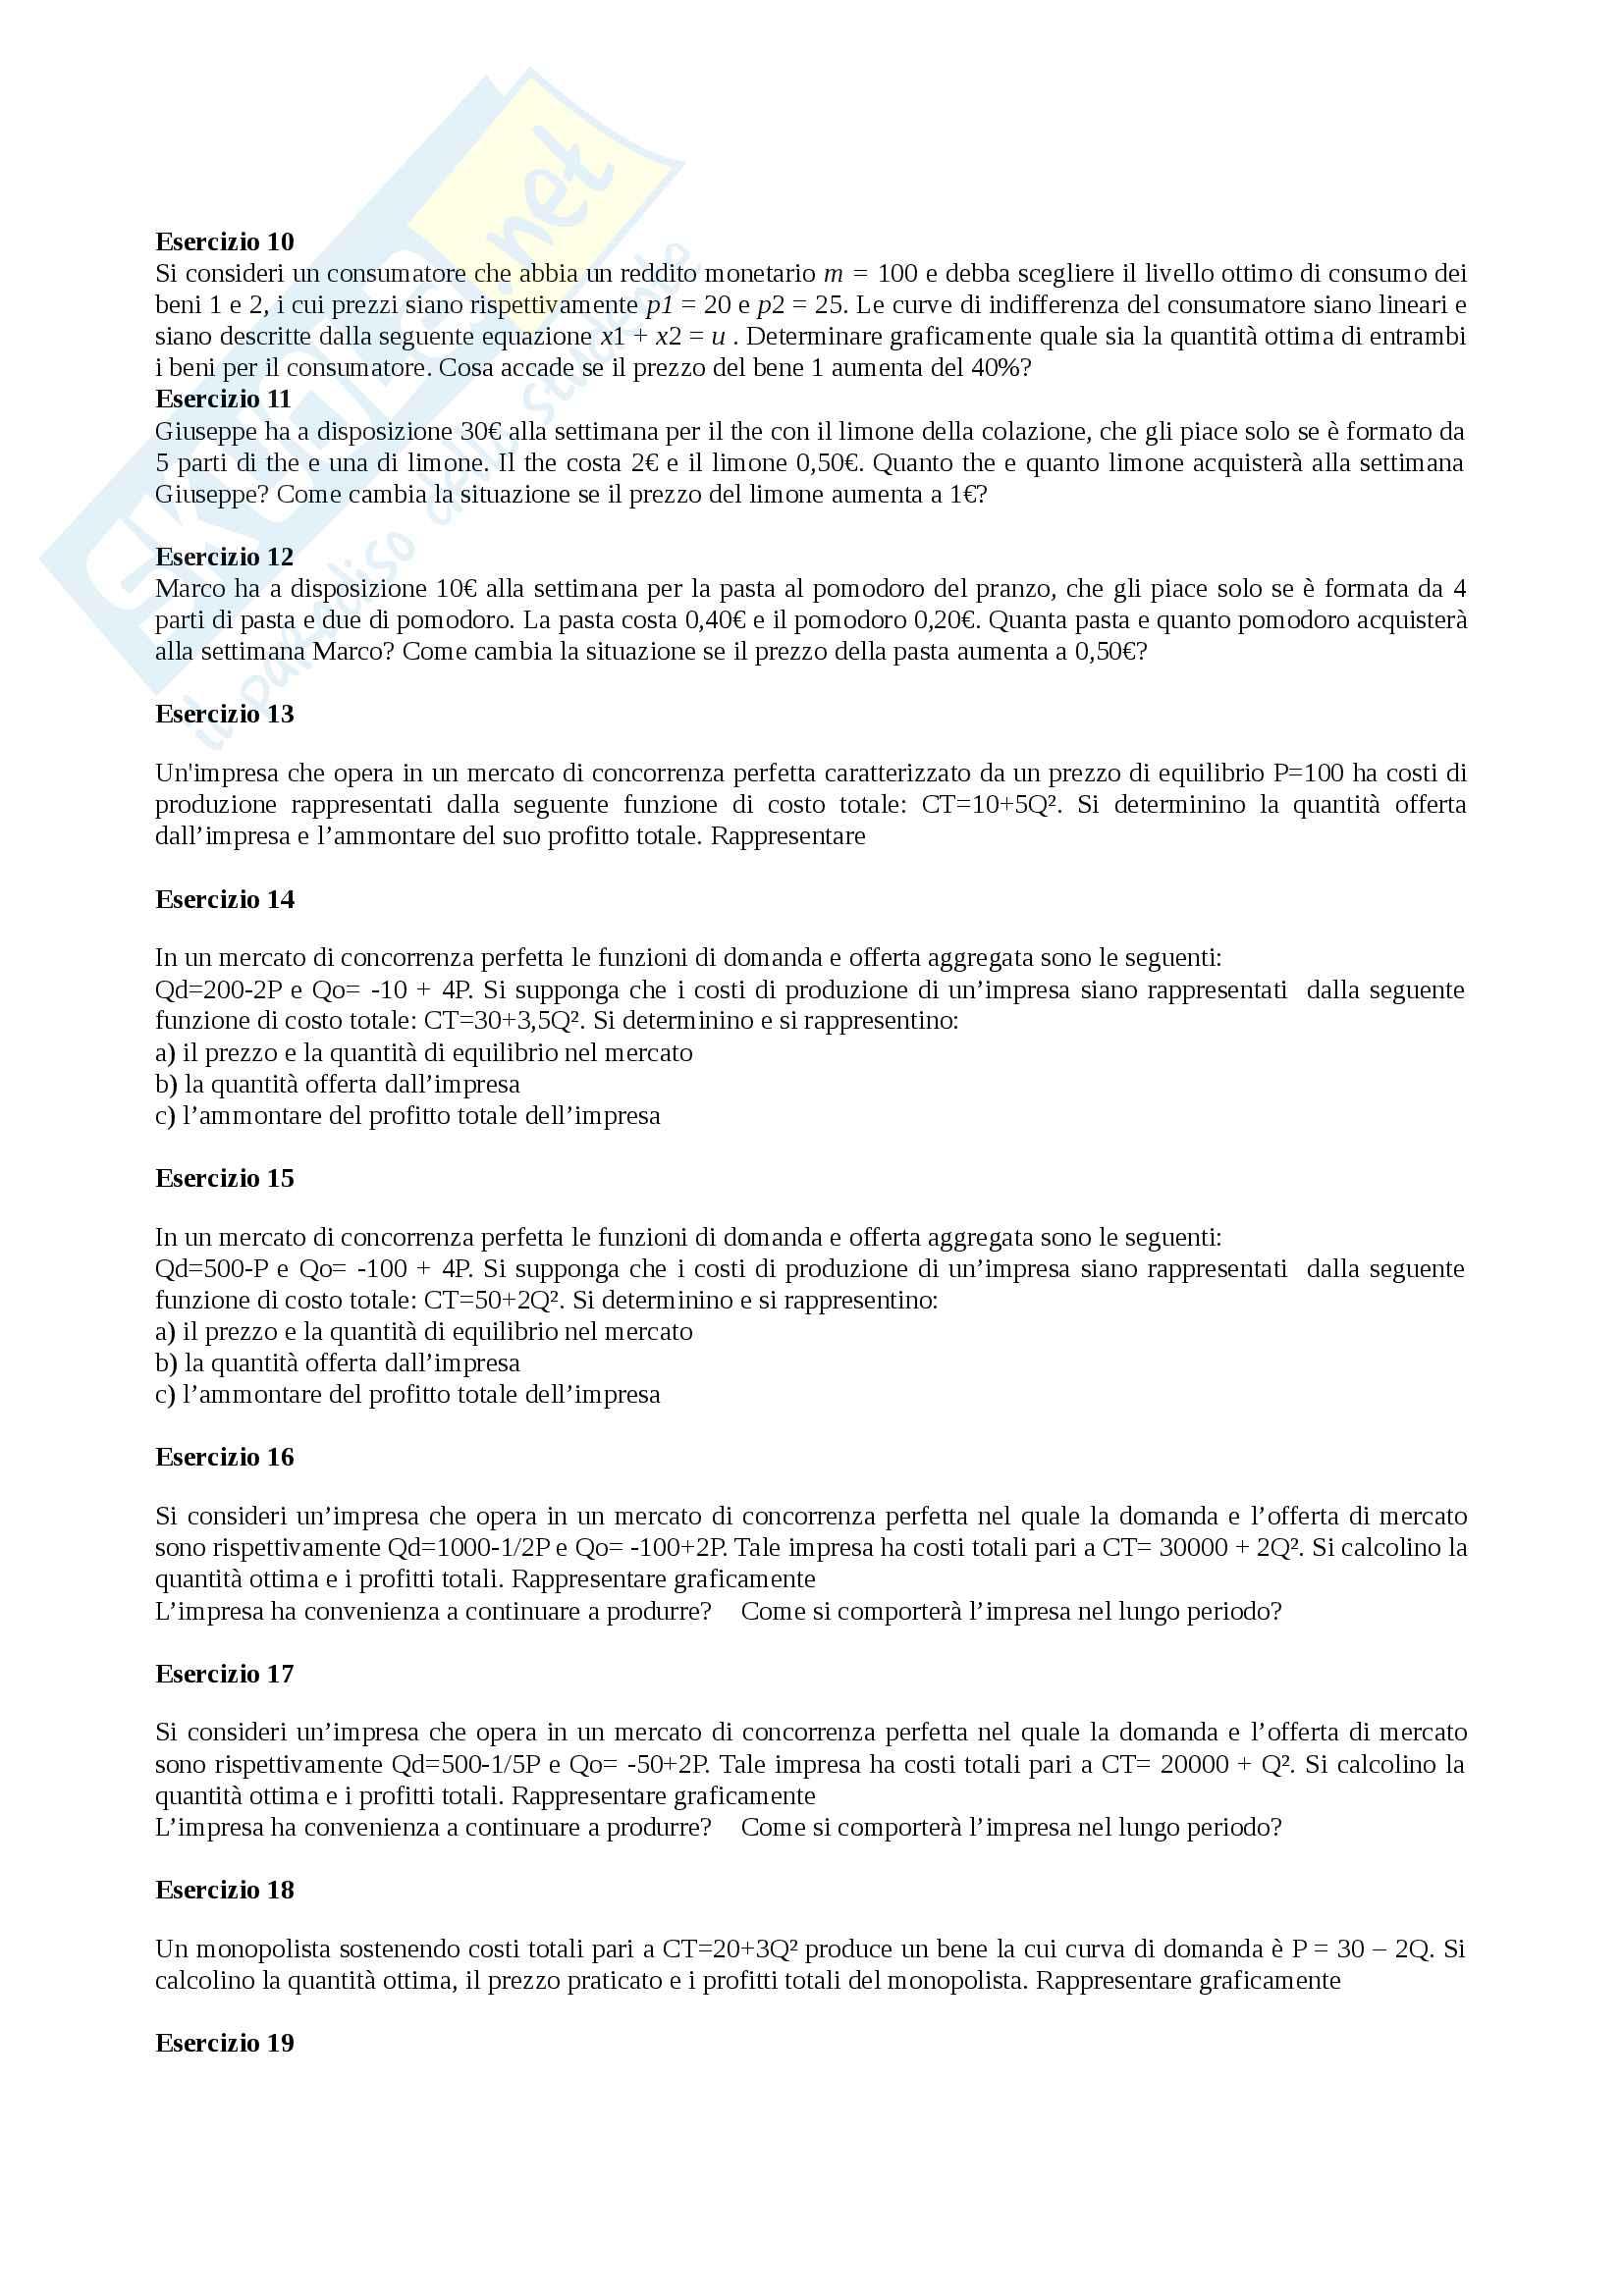 Esercizi economia politica (Merzoni - con soluzioni) Pag. 2